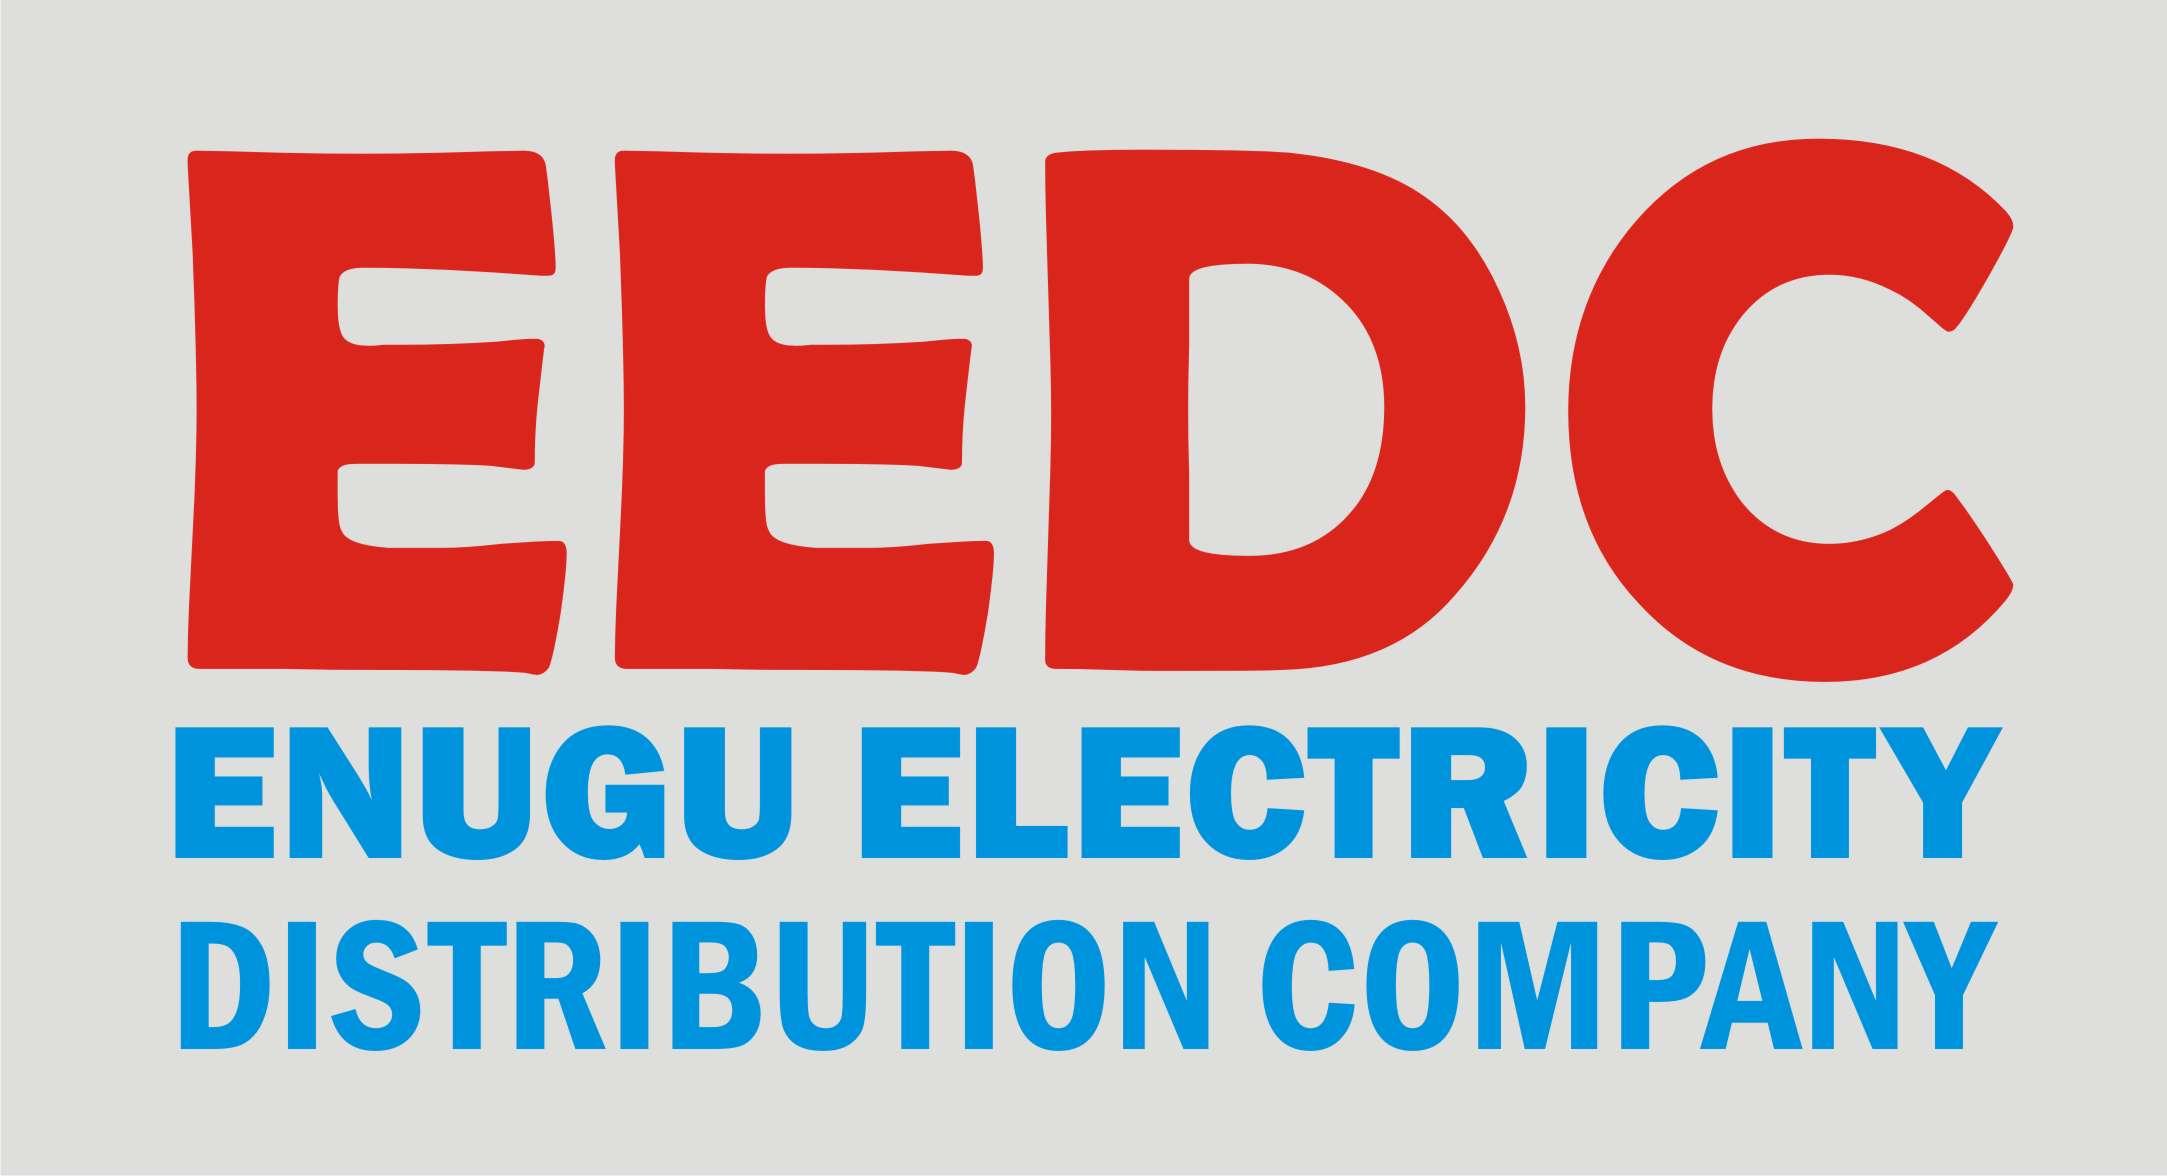 Enugu Electricity Distribution Company,EEDC